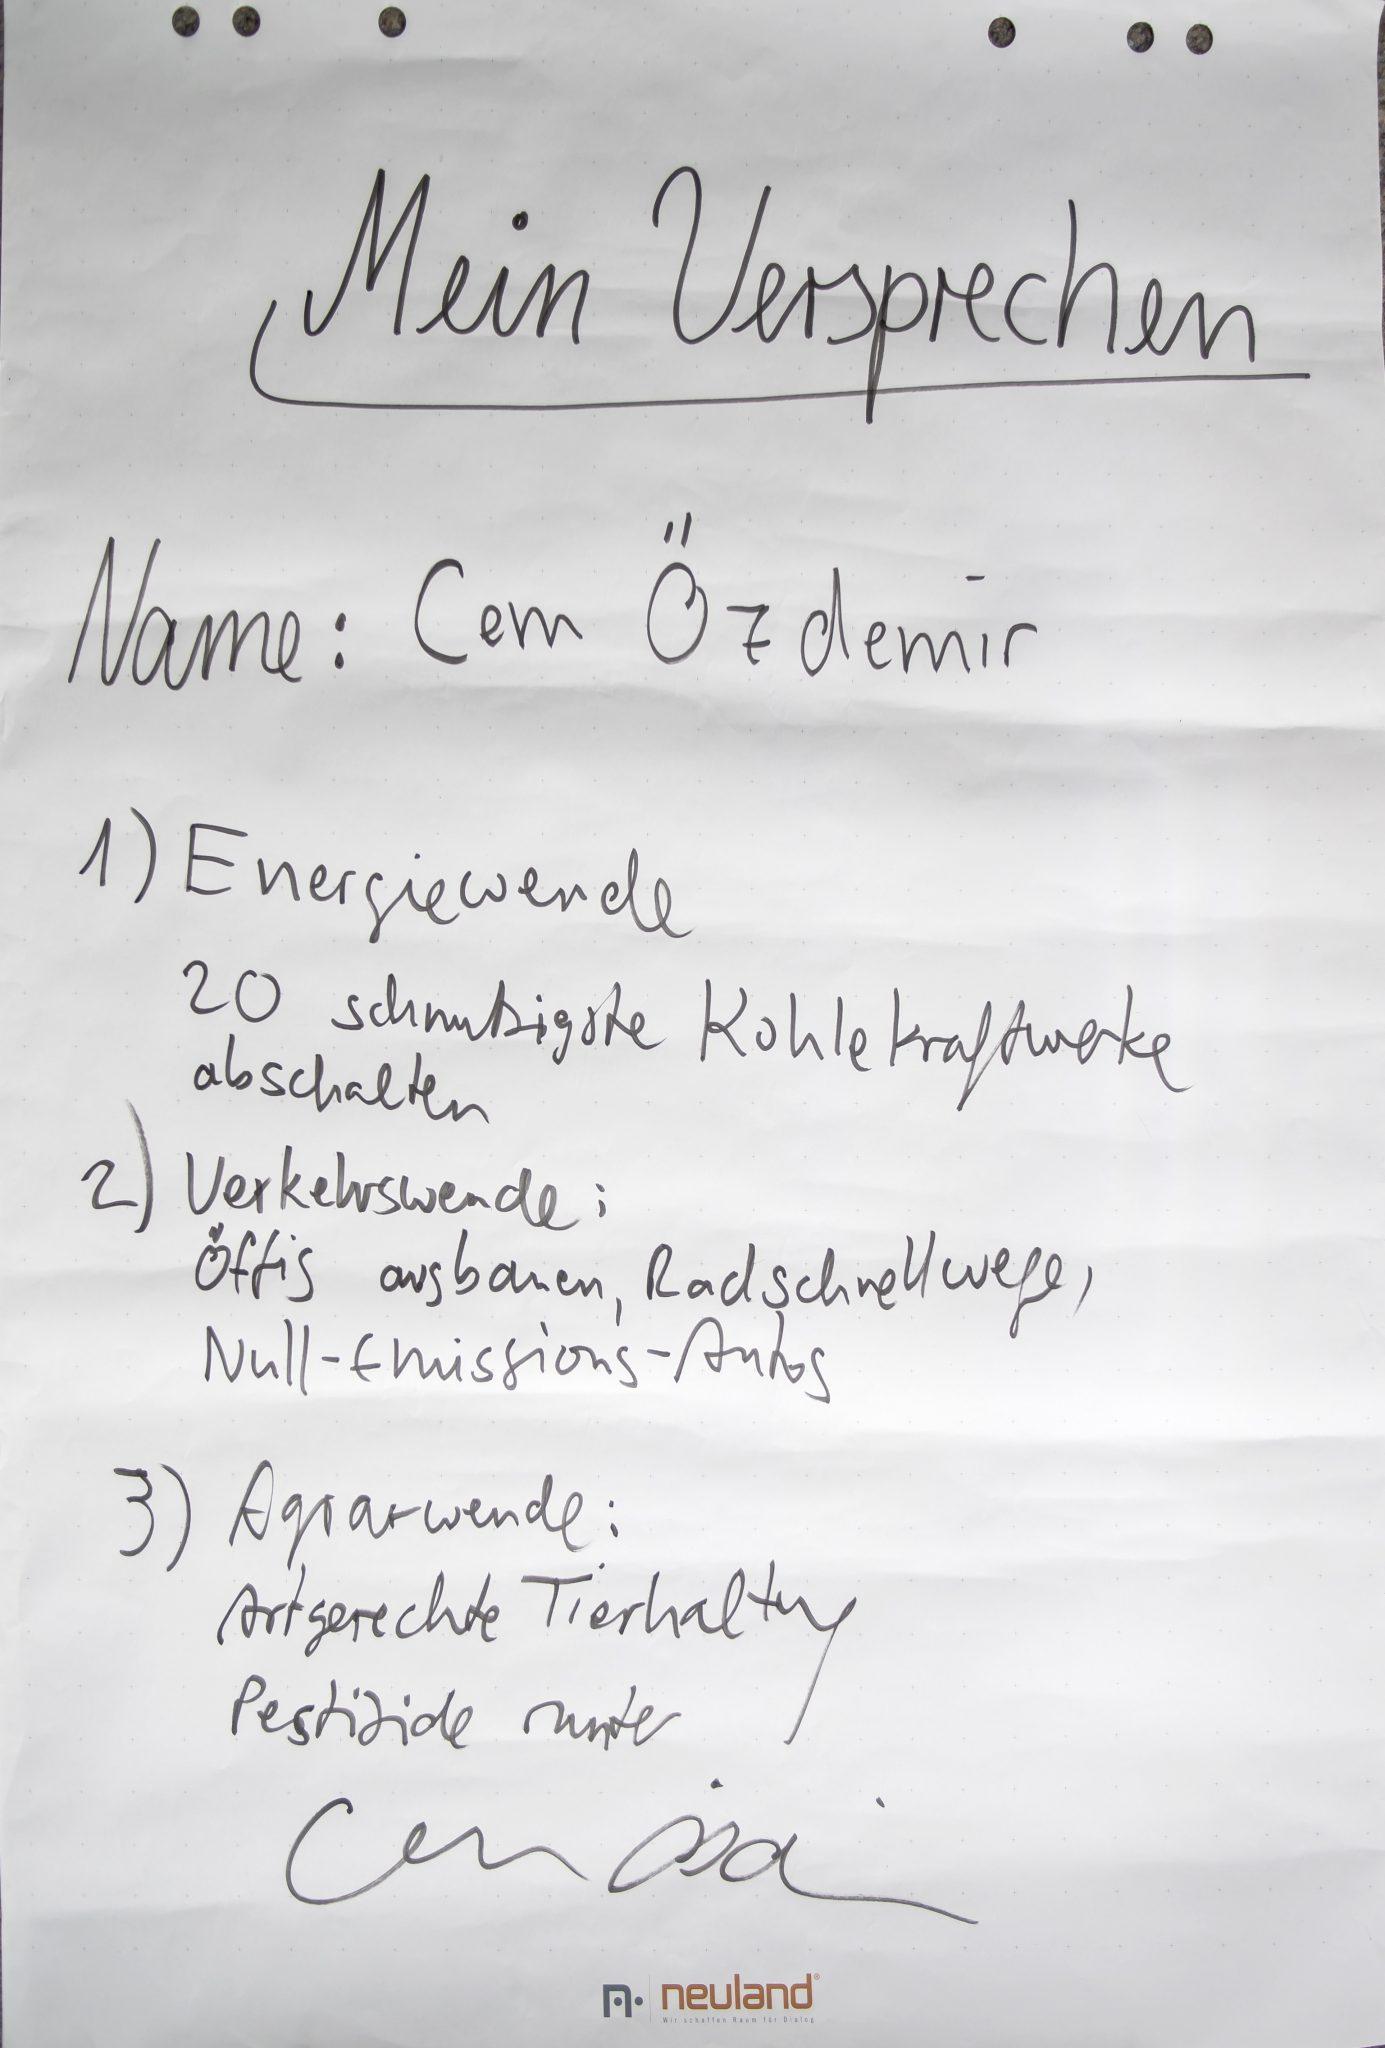 Die Versprechen des Cem Özdemirs © WWF Deutschland